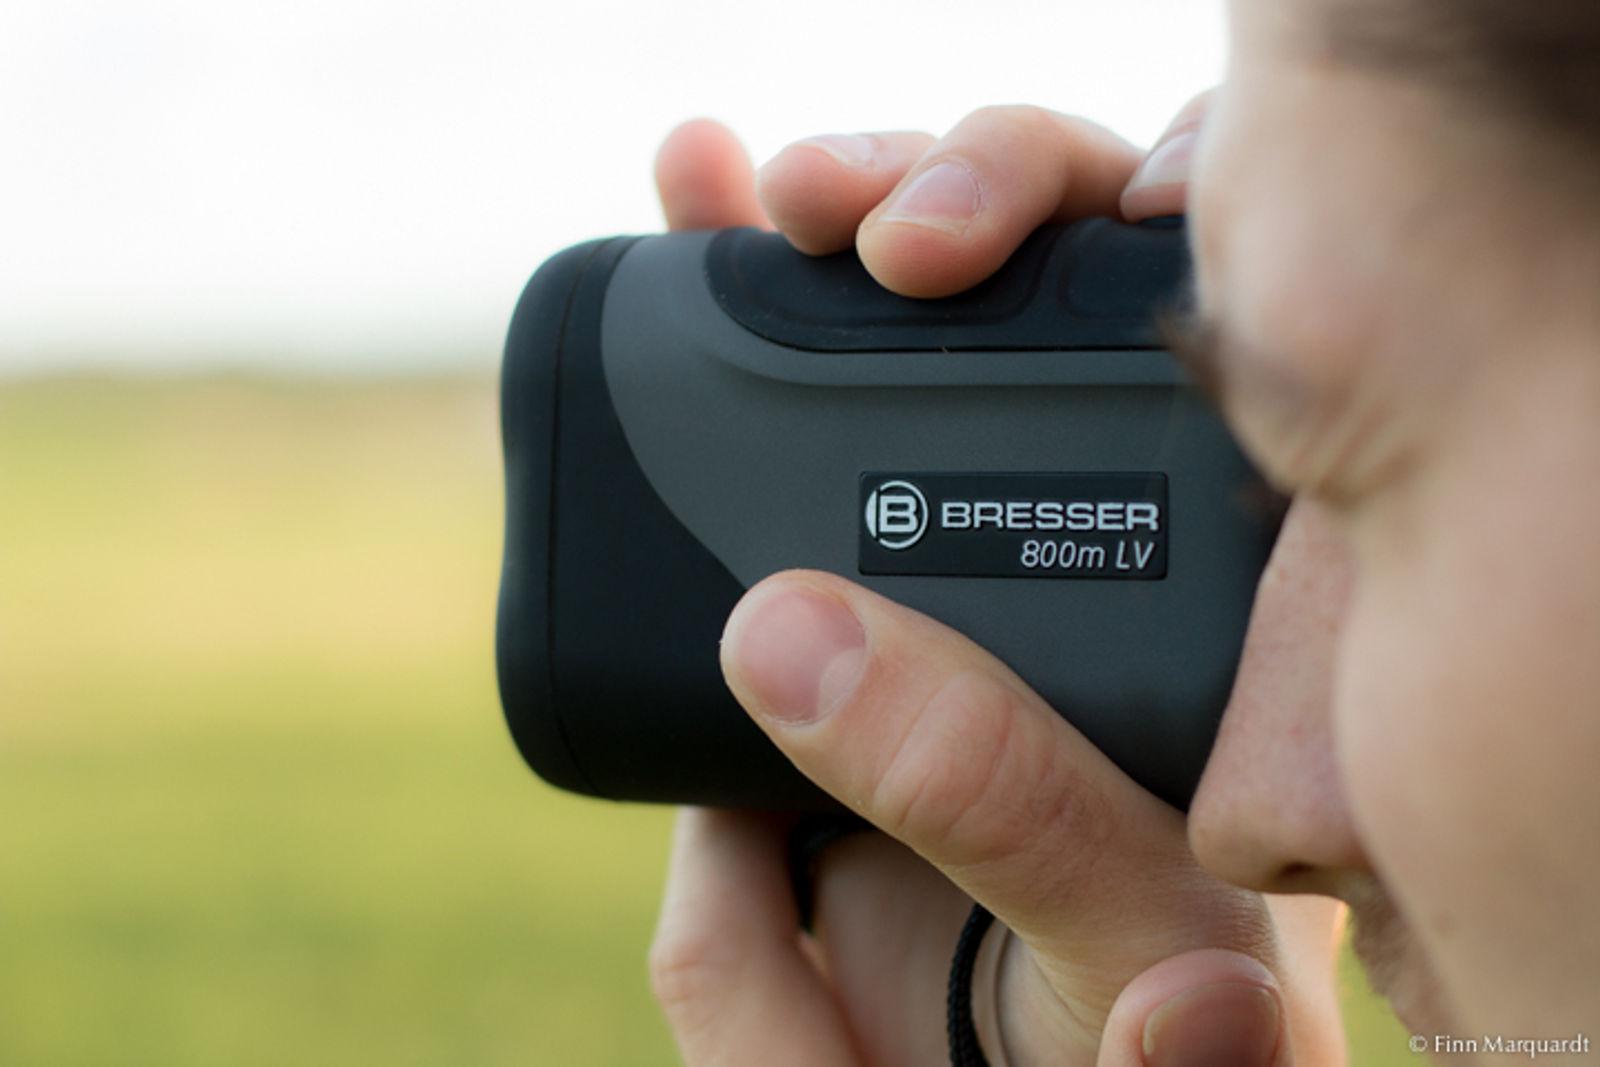 Entfernungsmesser 800 m lv laserentfernungsmesser von bresser